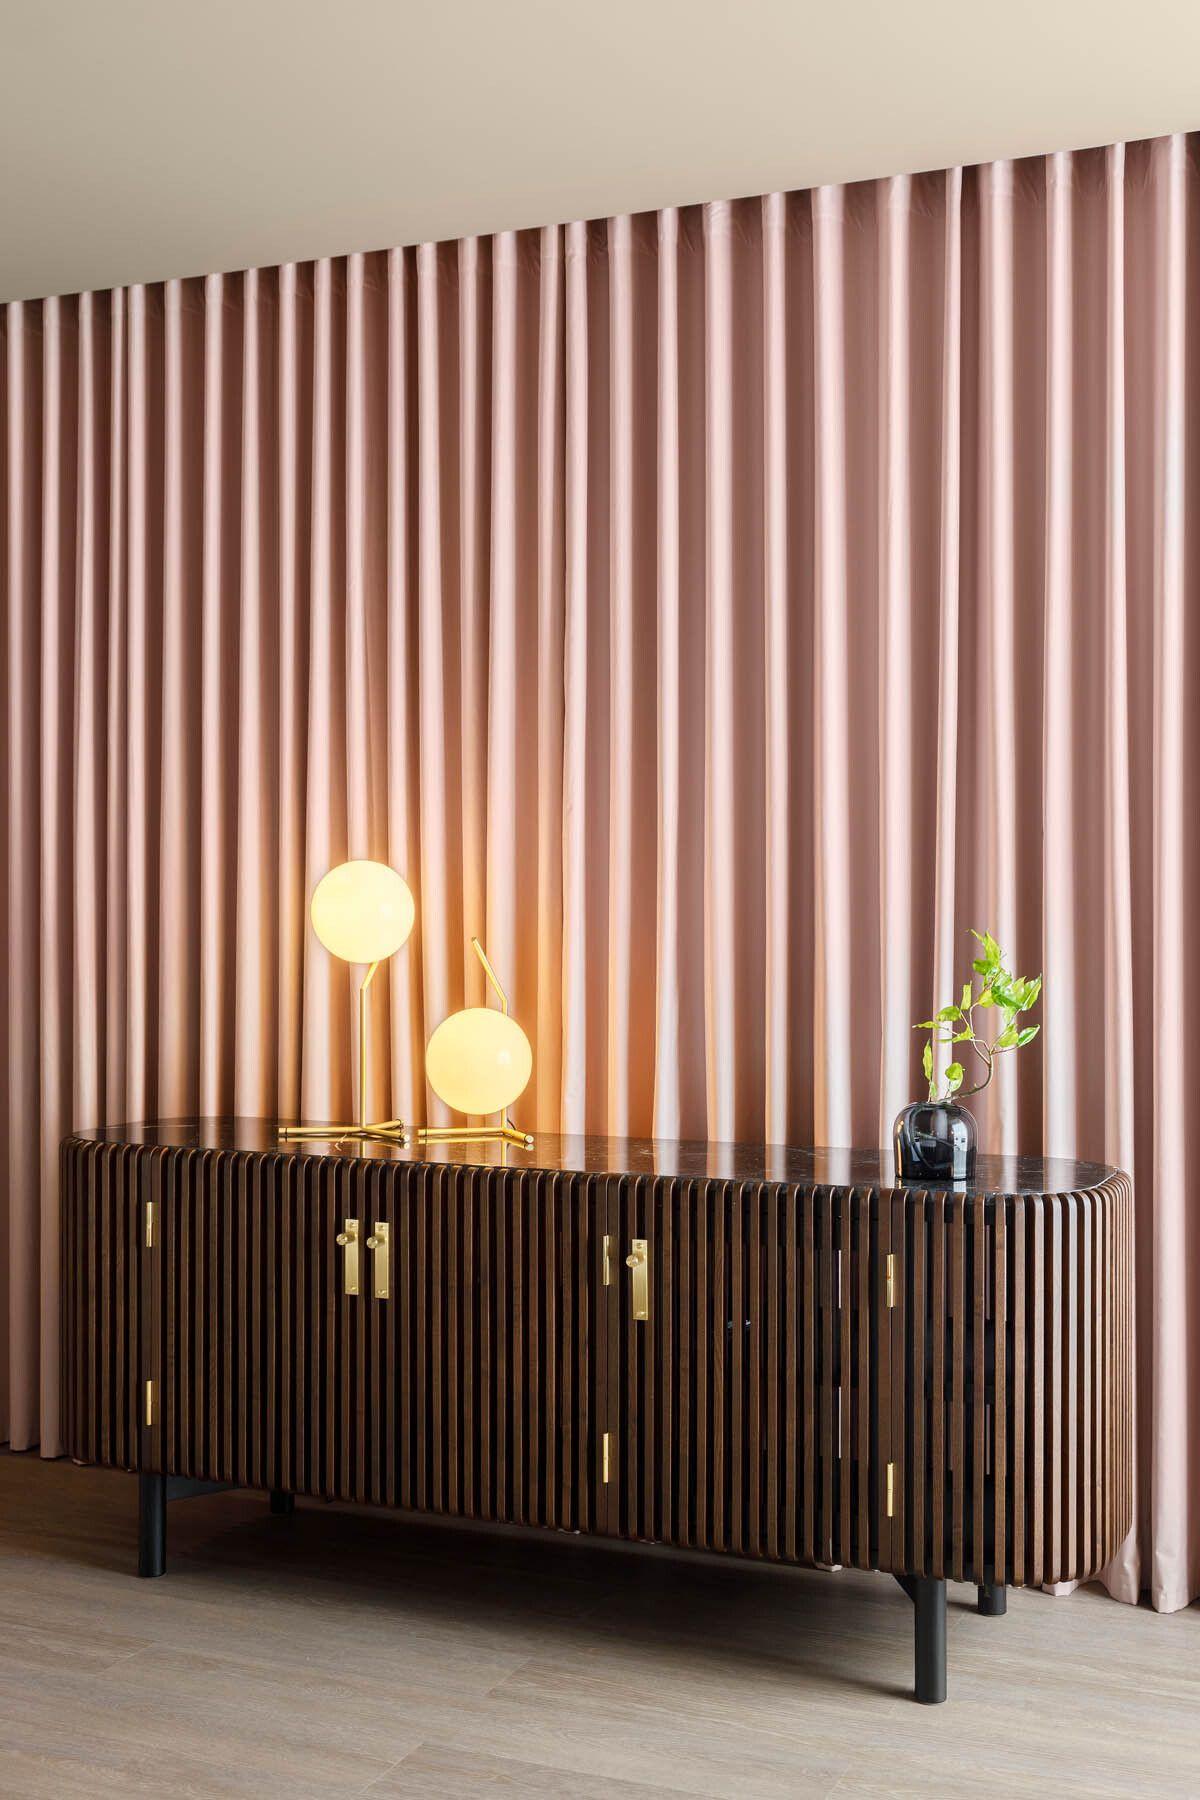 Azoris Royal Garden Hotel Renovation By Box Arquitectos Associados In Portugal In 2020 Architect Design Royal Garden